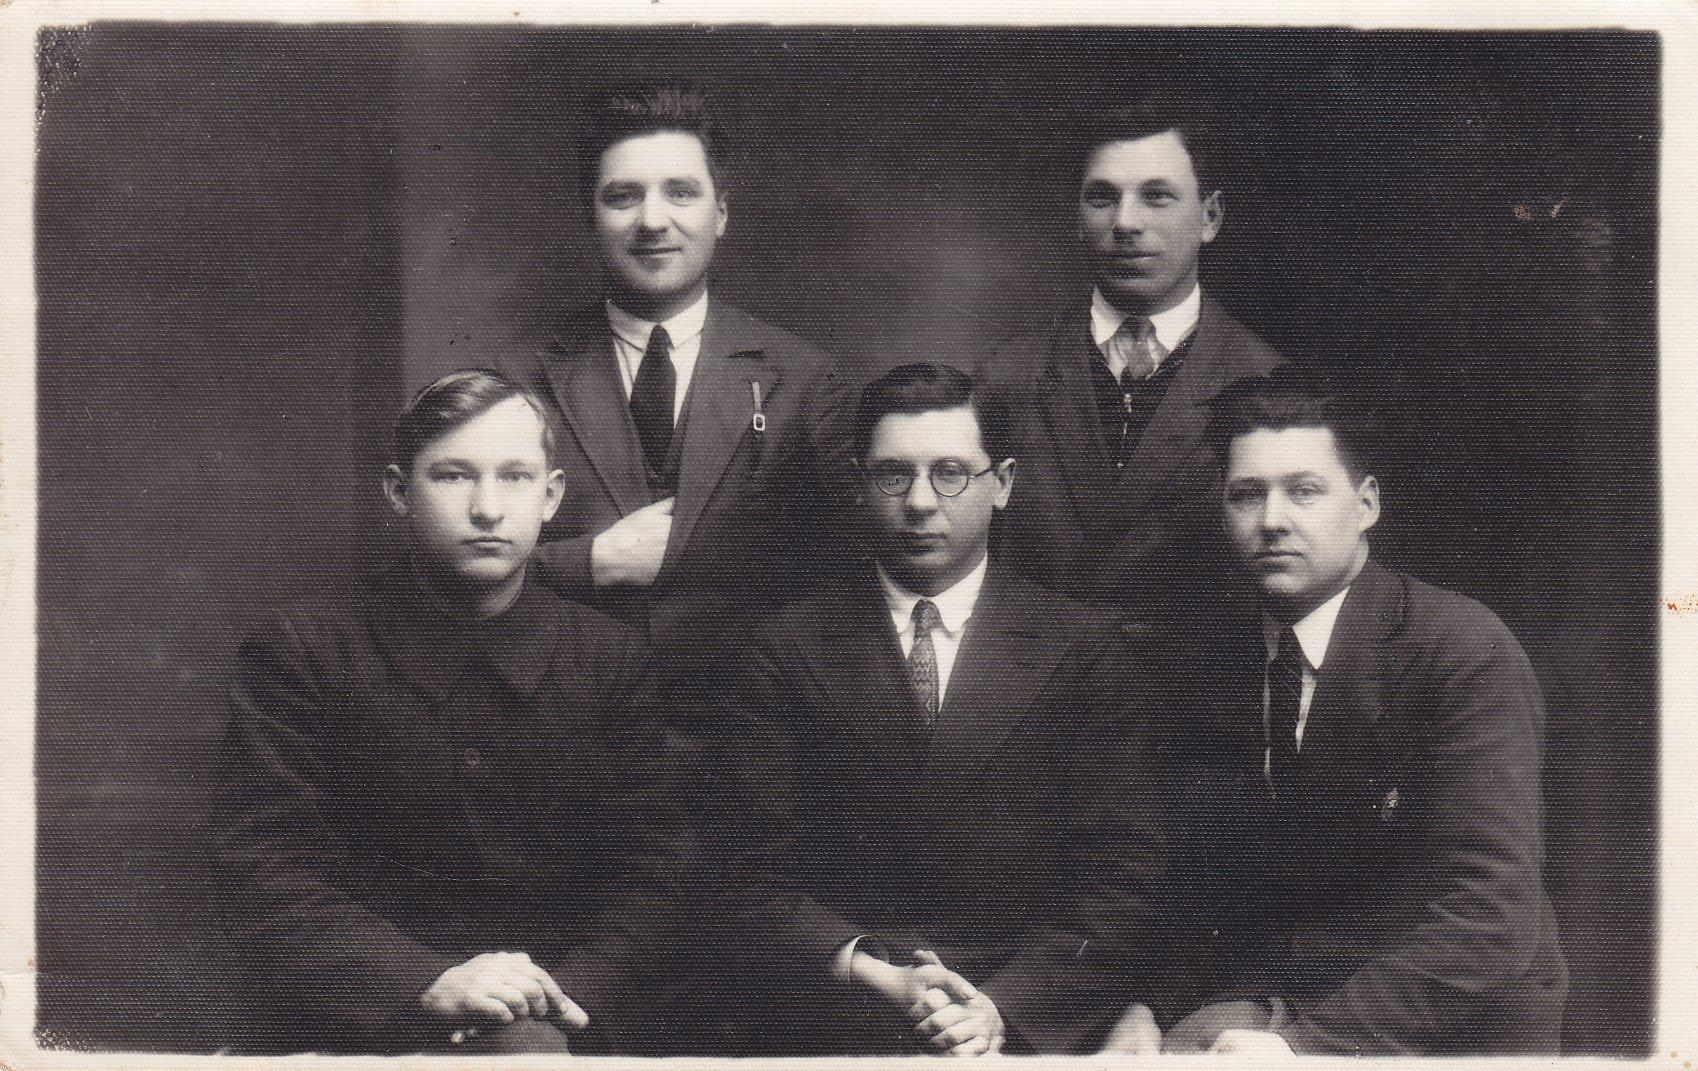 Agronomijos studijų draugai. Būsimasis profesorius, agronomas Petras Vasinauskas (sėdi pirmas iš kairės). 1925 m.